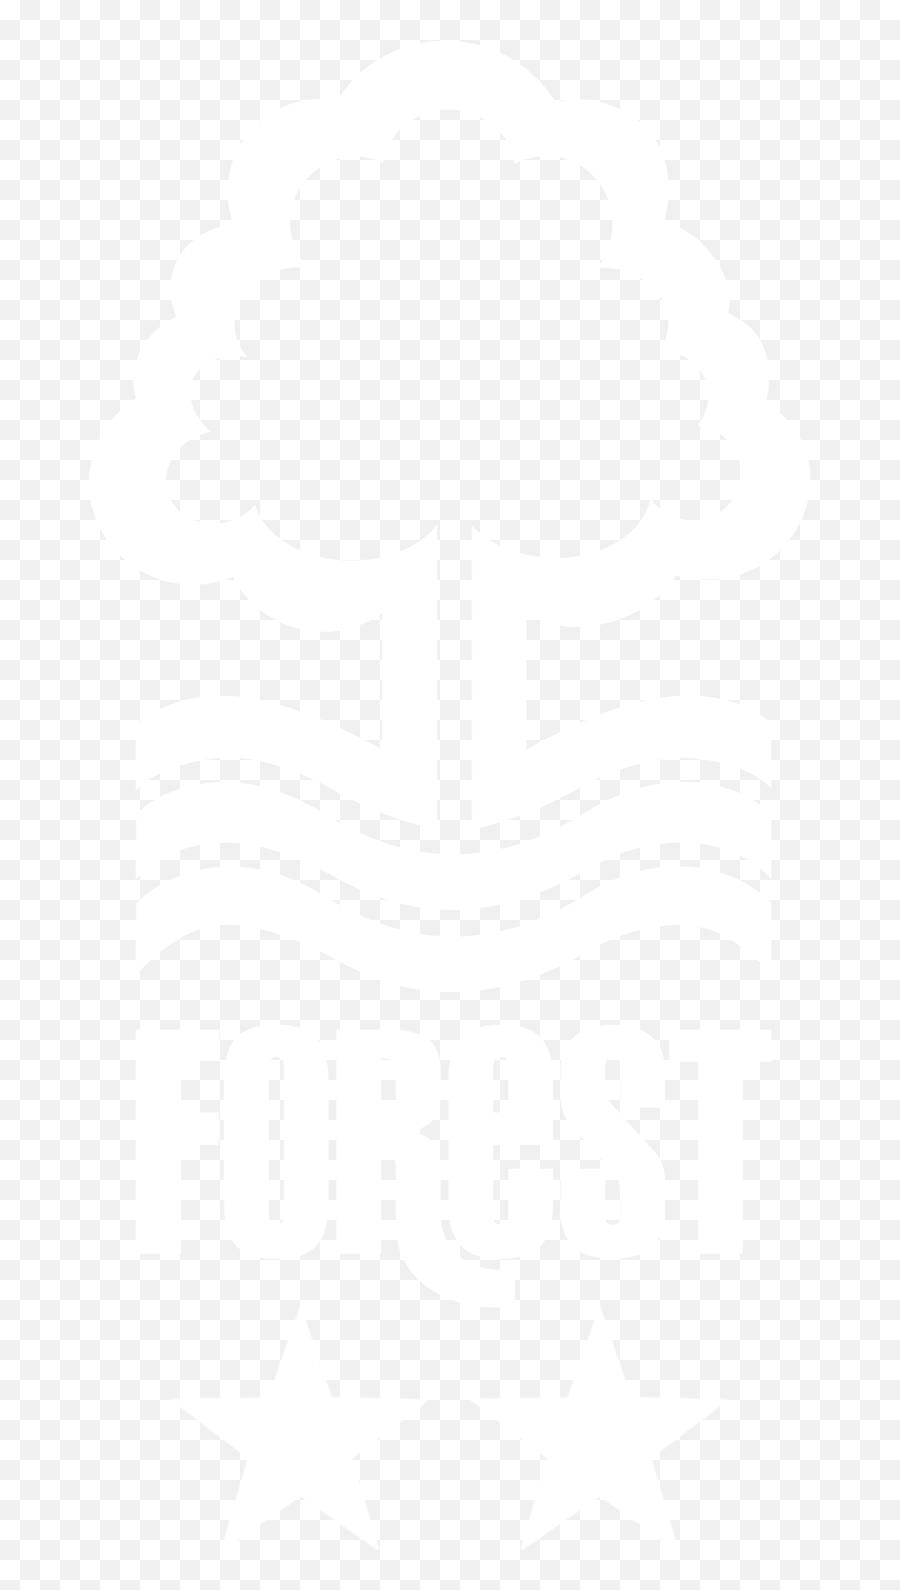 Download Hd 1515282614 1515282619193767967007 - Nottingham Nottingham Forest Logo Transparent Png,The Forest Png